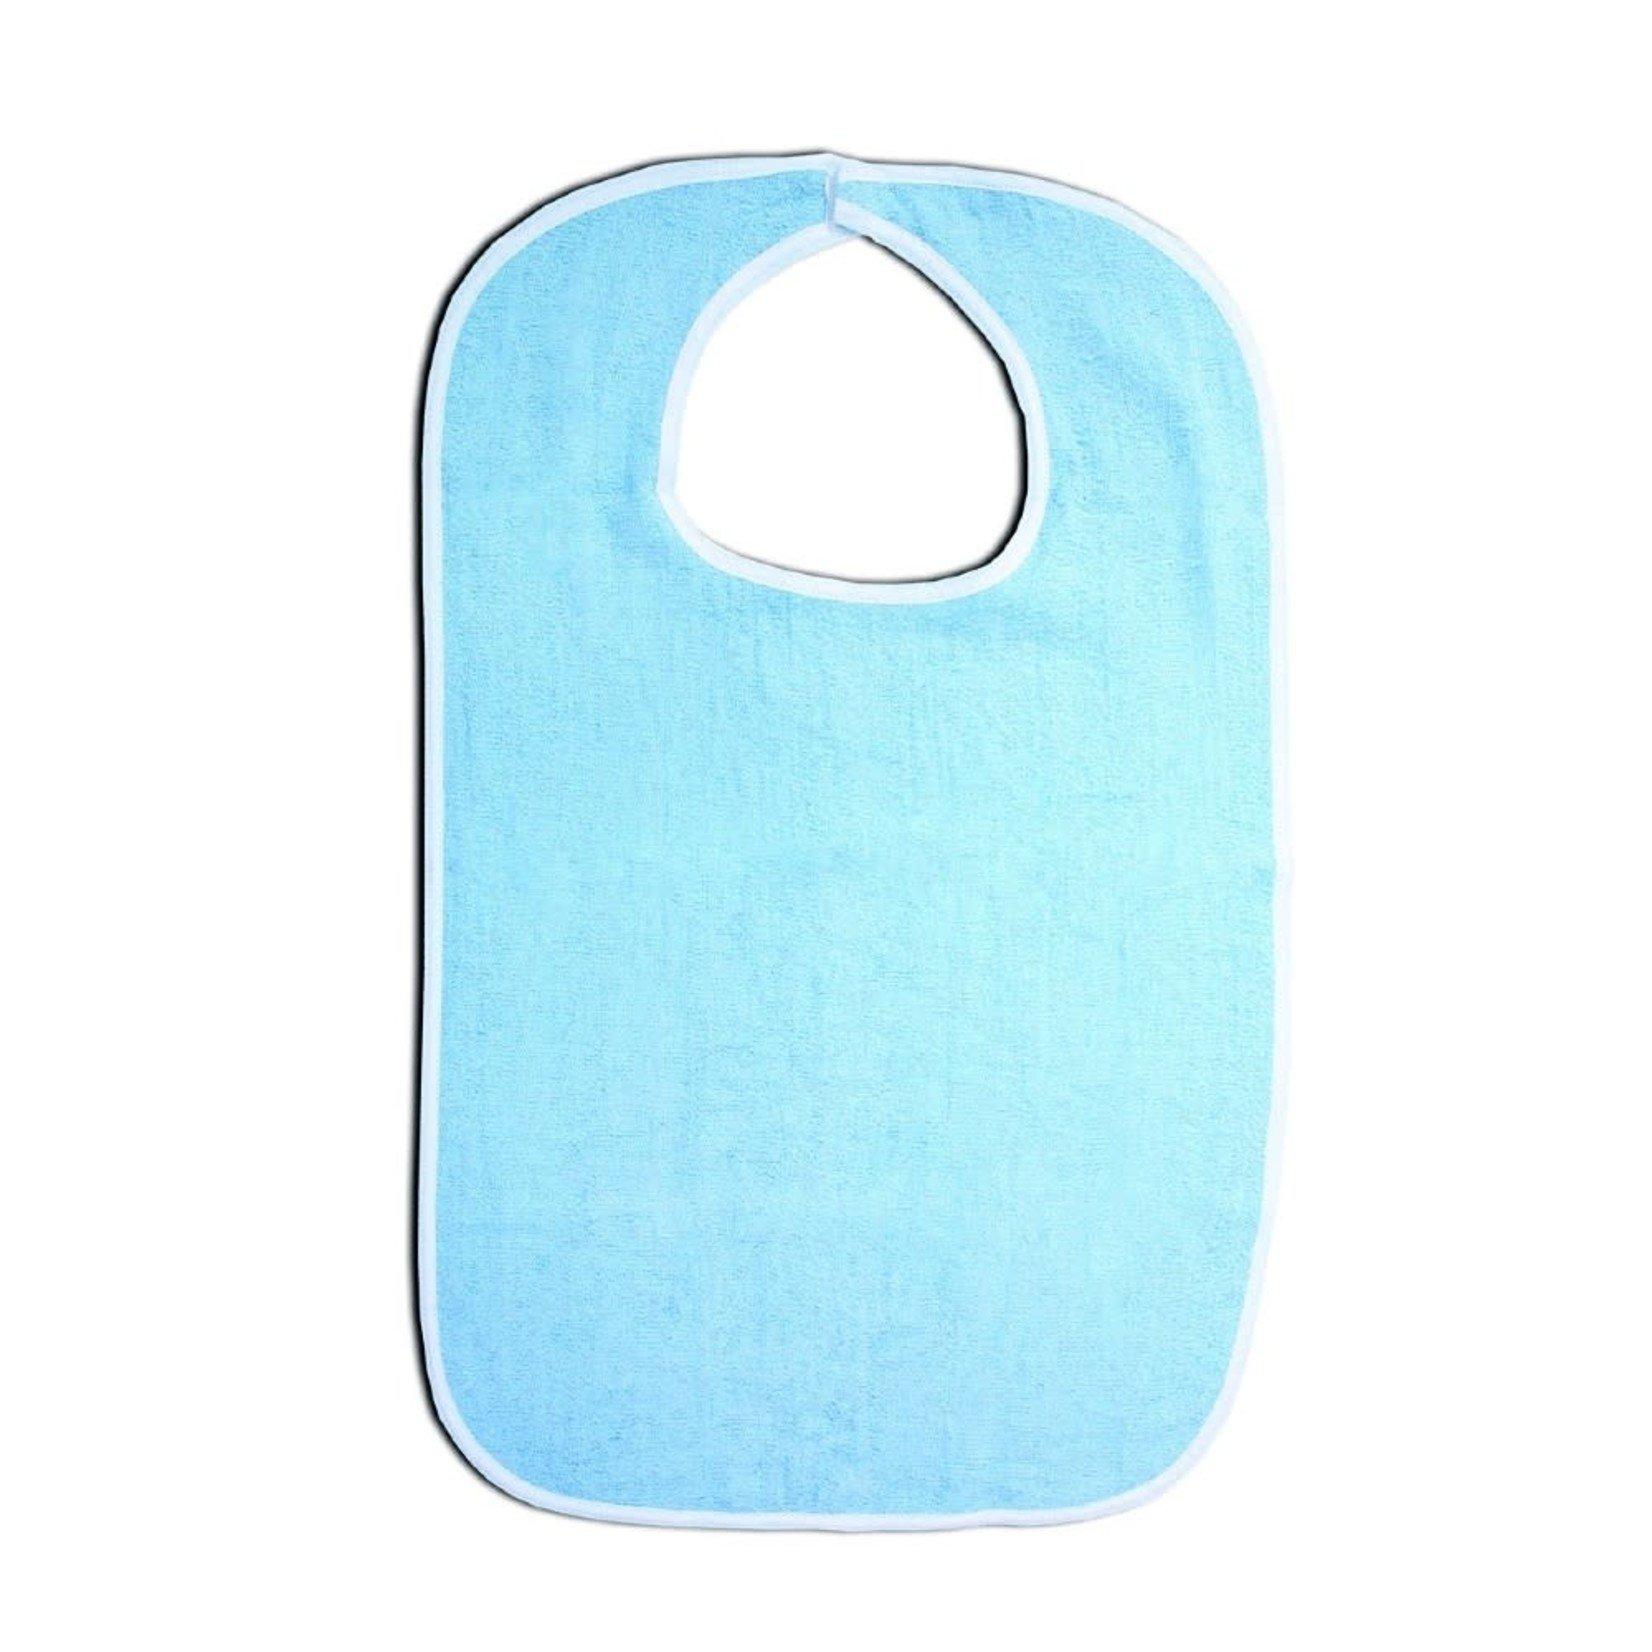 Essential Medical Bib Standard Terry Cloth